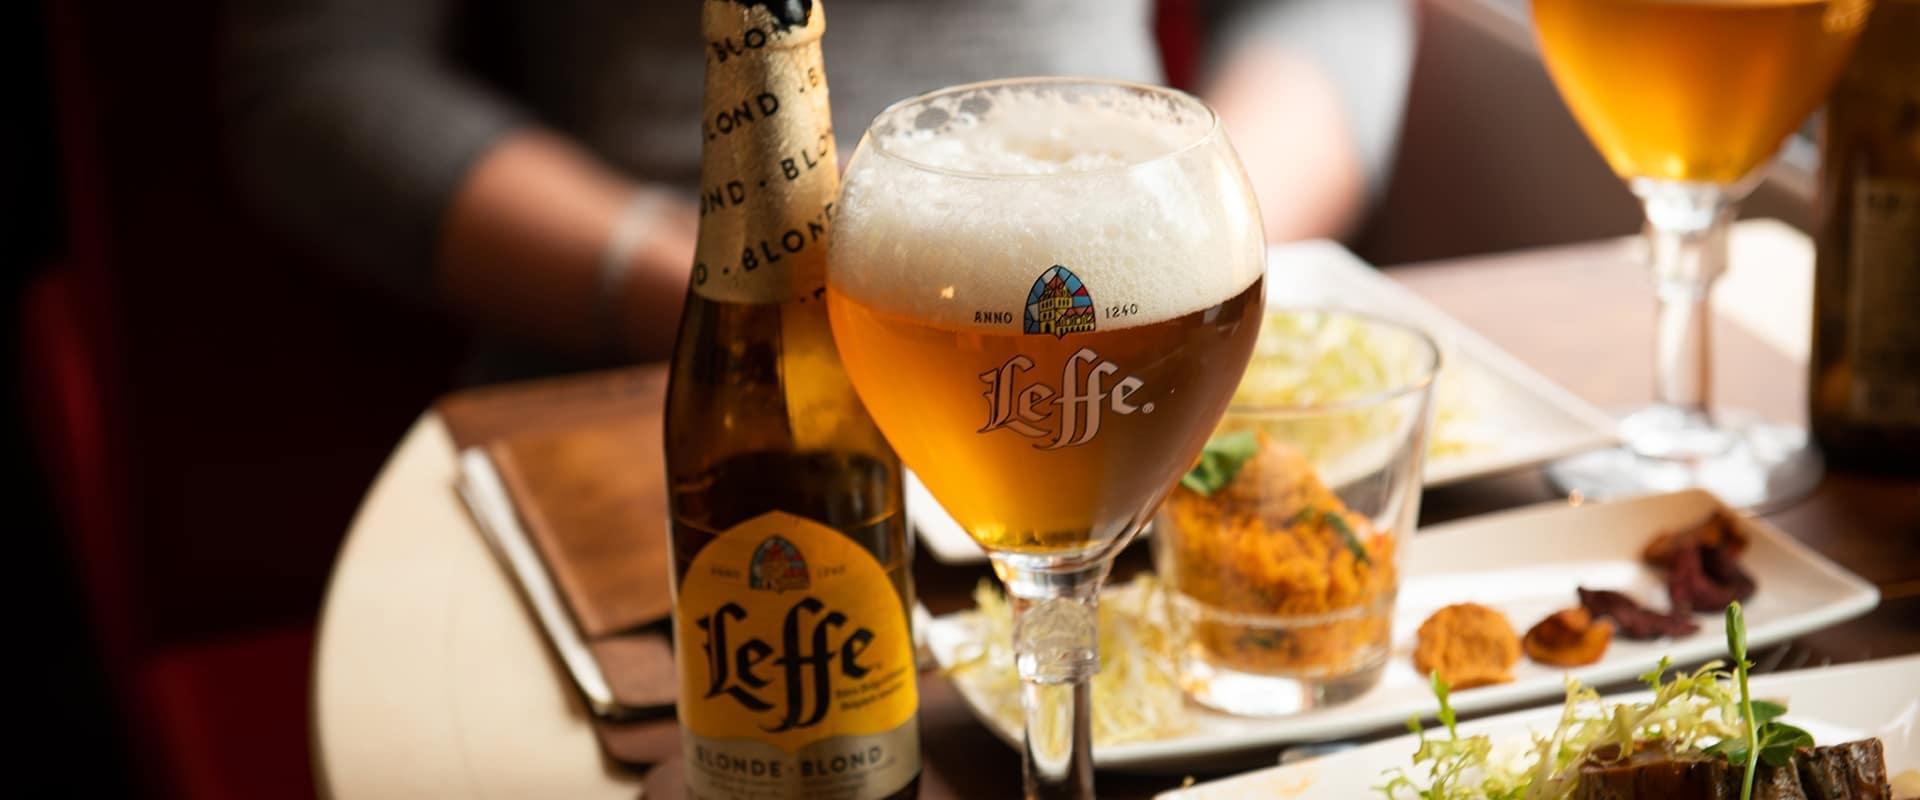 Iedere week vertrekt de Dinner Train uit een andere stad en verrassen we onze passagiers met een 4-gangen-menu (authentieke bier-spijs- en wijn-spijs-combinaties aan boord verkrijgbaar) terwijl de trein zacht wiegend door het Nederlandse landschap snelt.